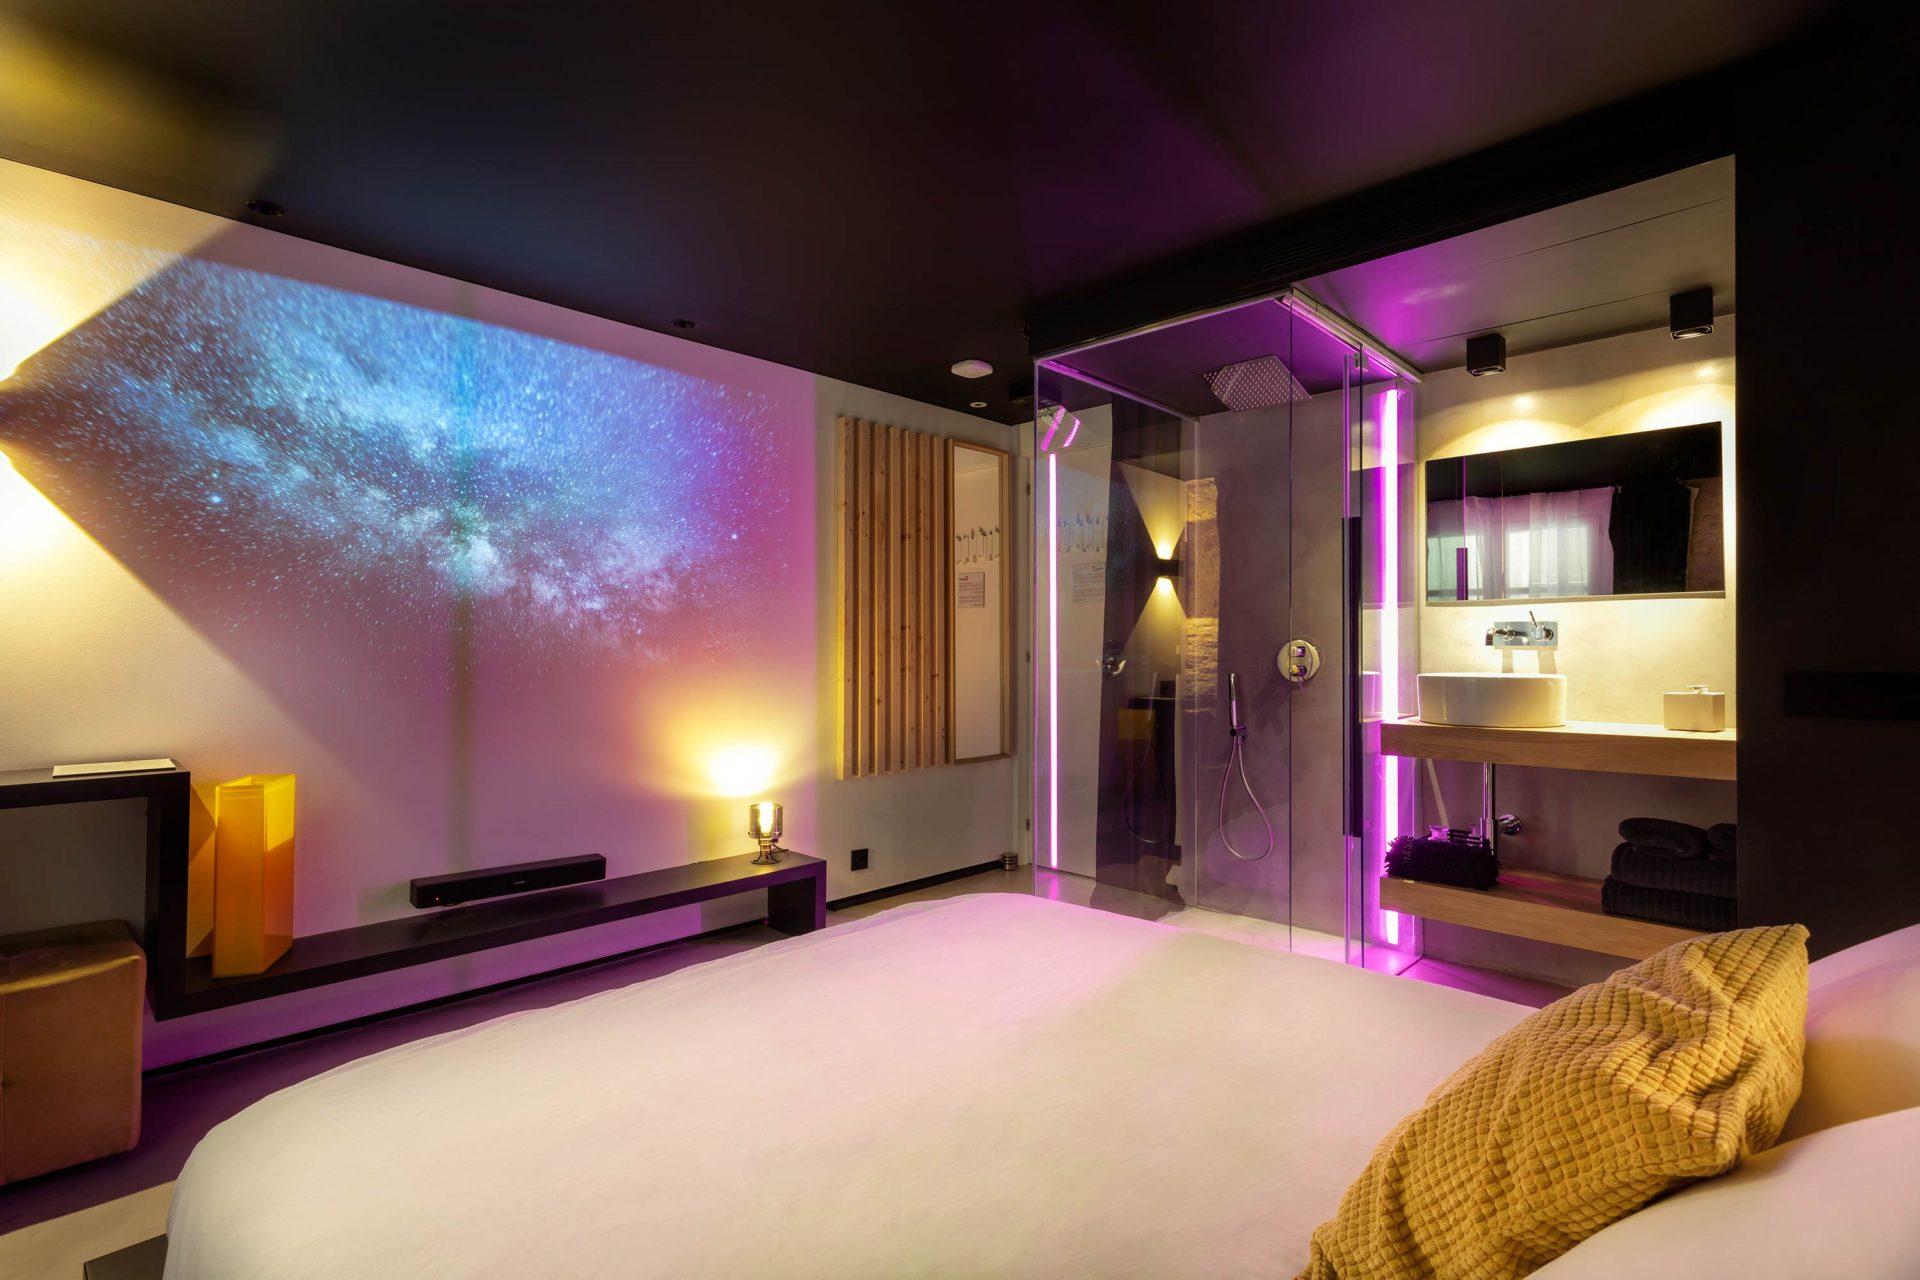 Zrooms suites hostel boutique hotel apartamentos turisticos zaragoza spain hotel con encanto en zaragoza hoteles zaragoza